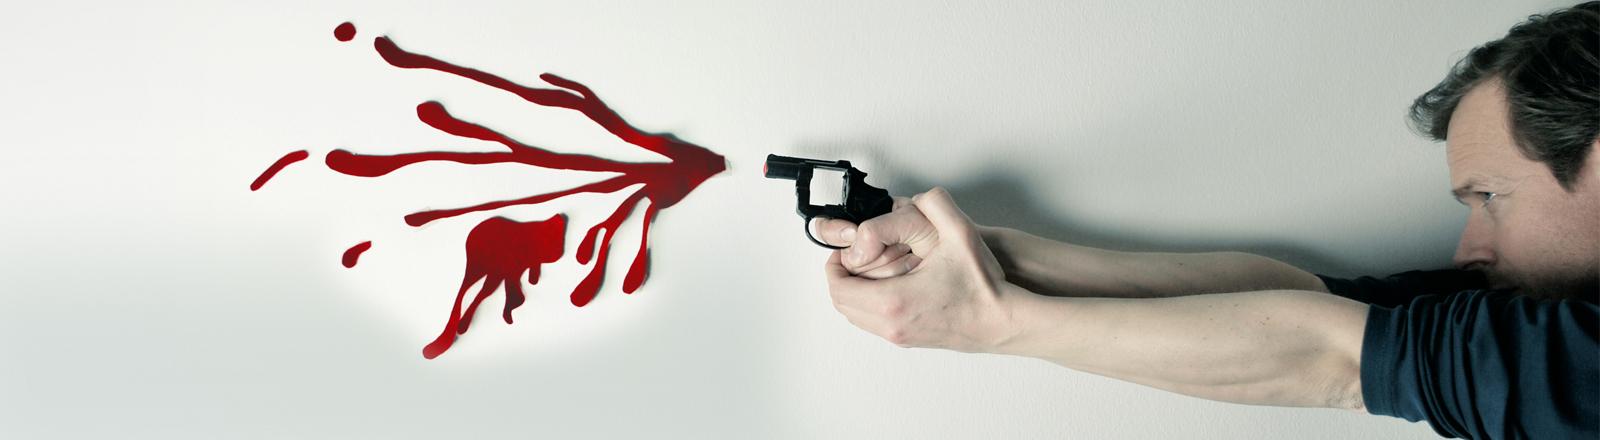 Ein Mann schießt aus einem kleinen Revolver ohne Magazin - auf der Wand hängen aus Papier geschnittene Blutspritzer